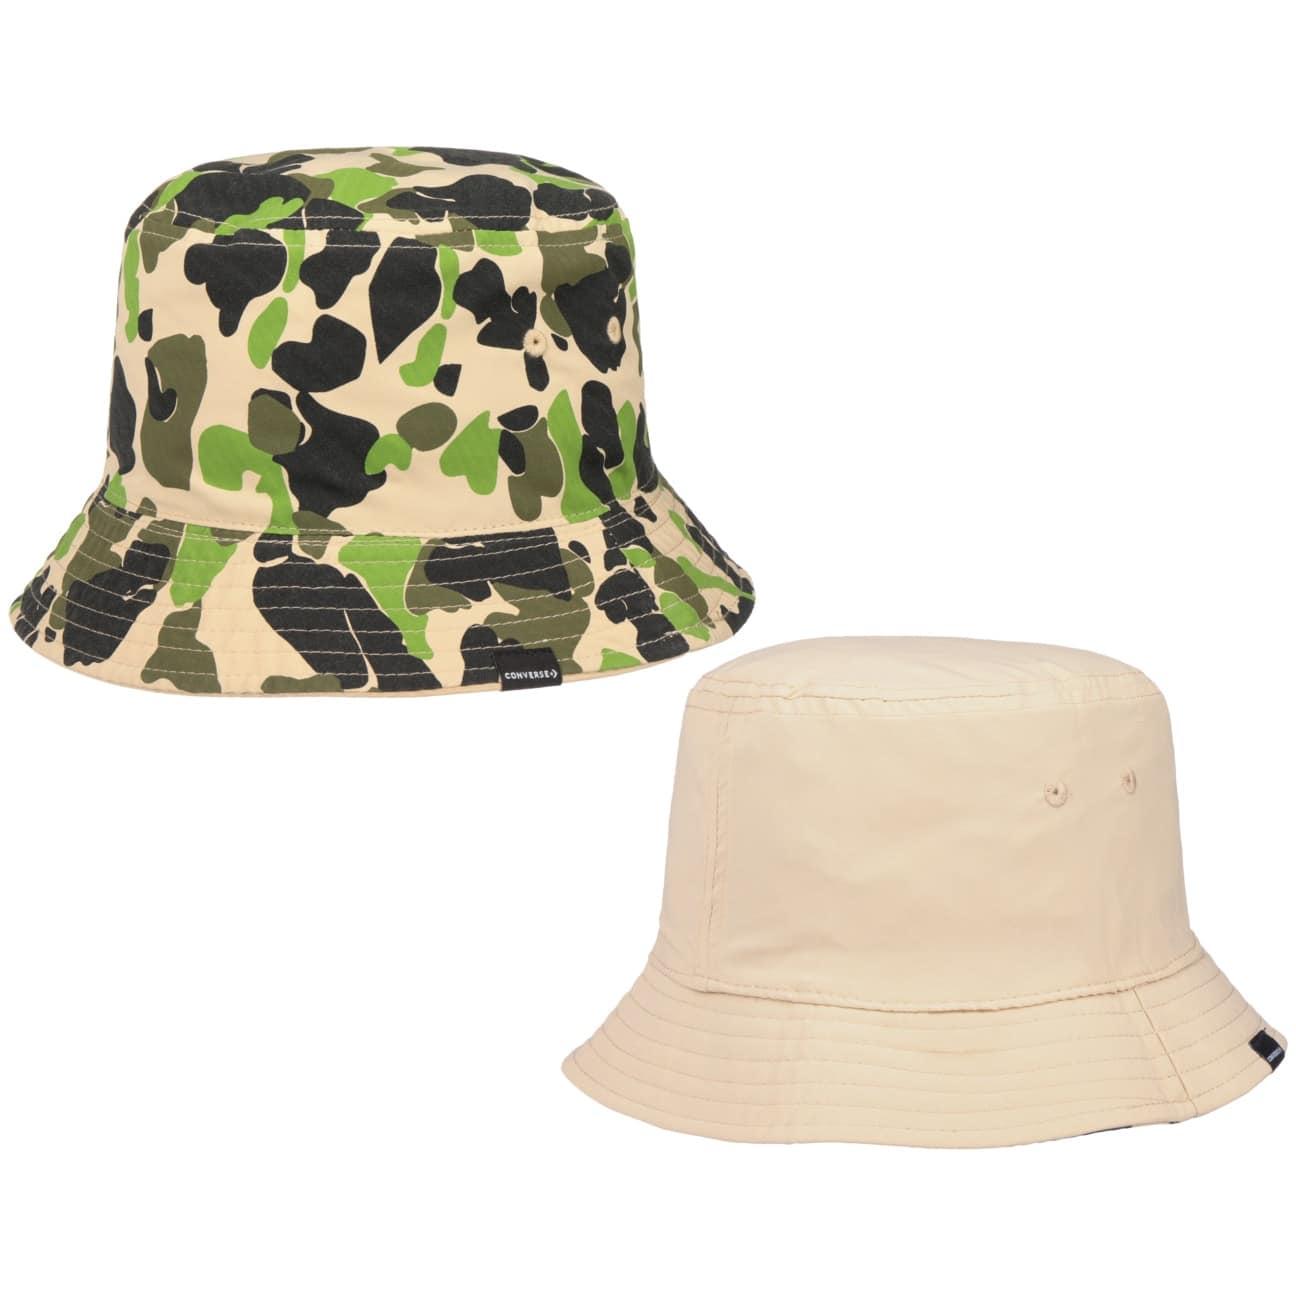 Chapeau Réversible Uni vs Checked by Converse  chapeau en tissu